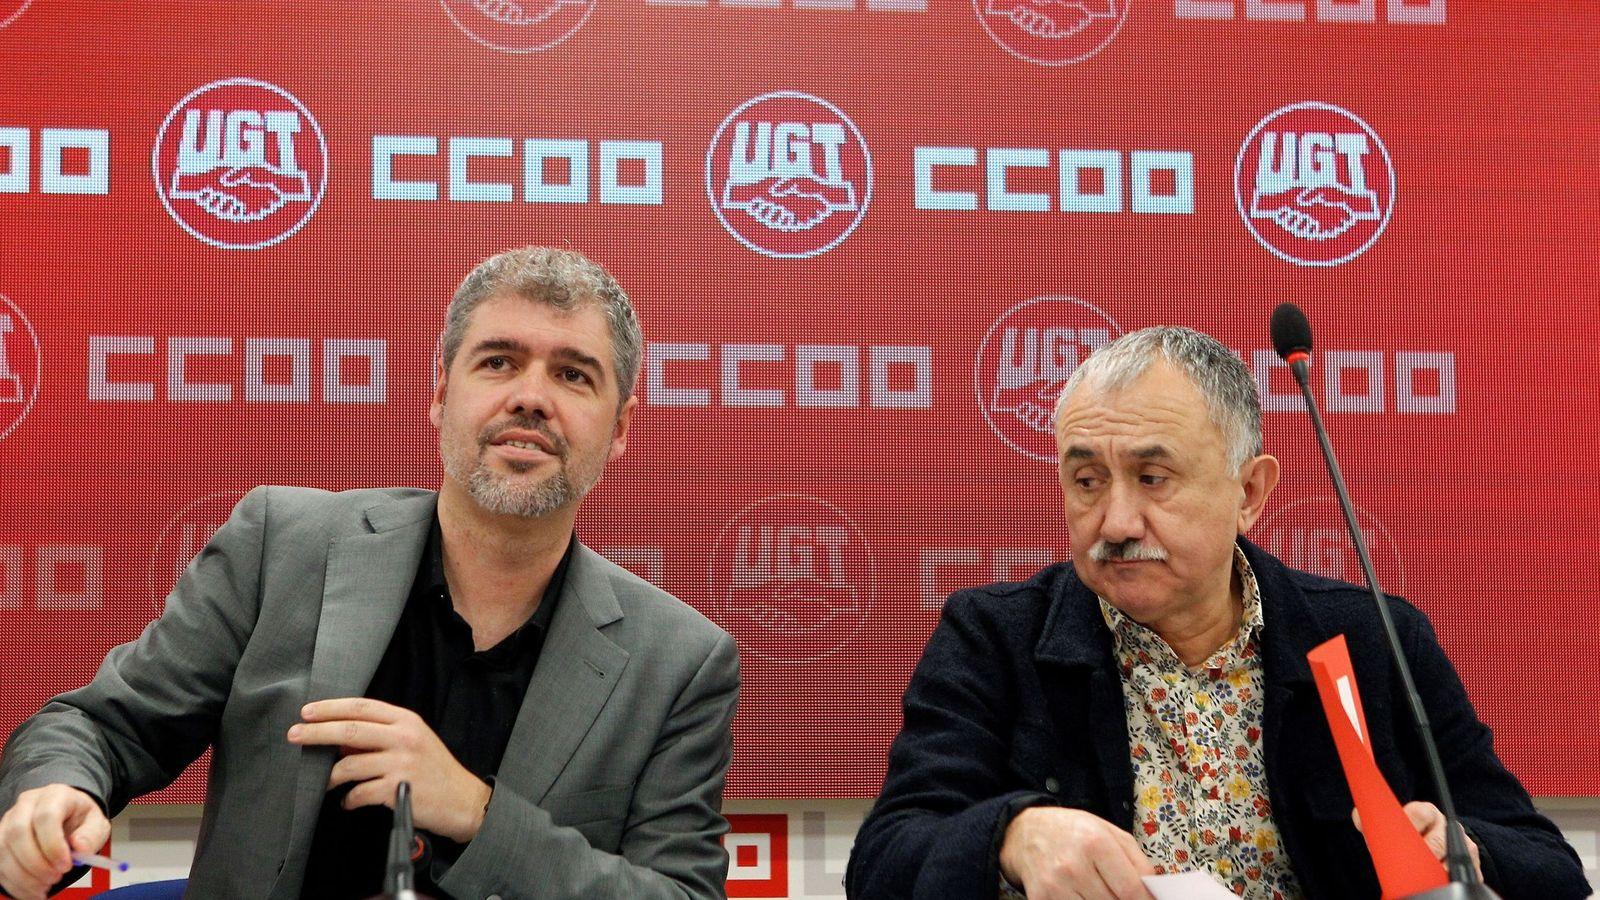 Foto:  Los secretarios generales de CCOO y UGT, Unai Sordo (i) y Pepe Álvarez (d), respectivamente